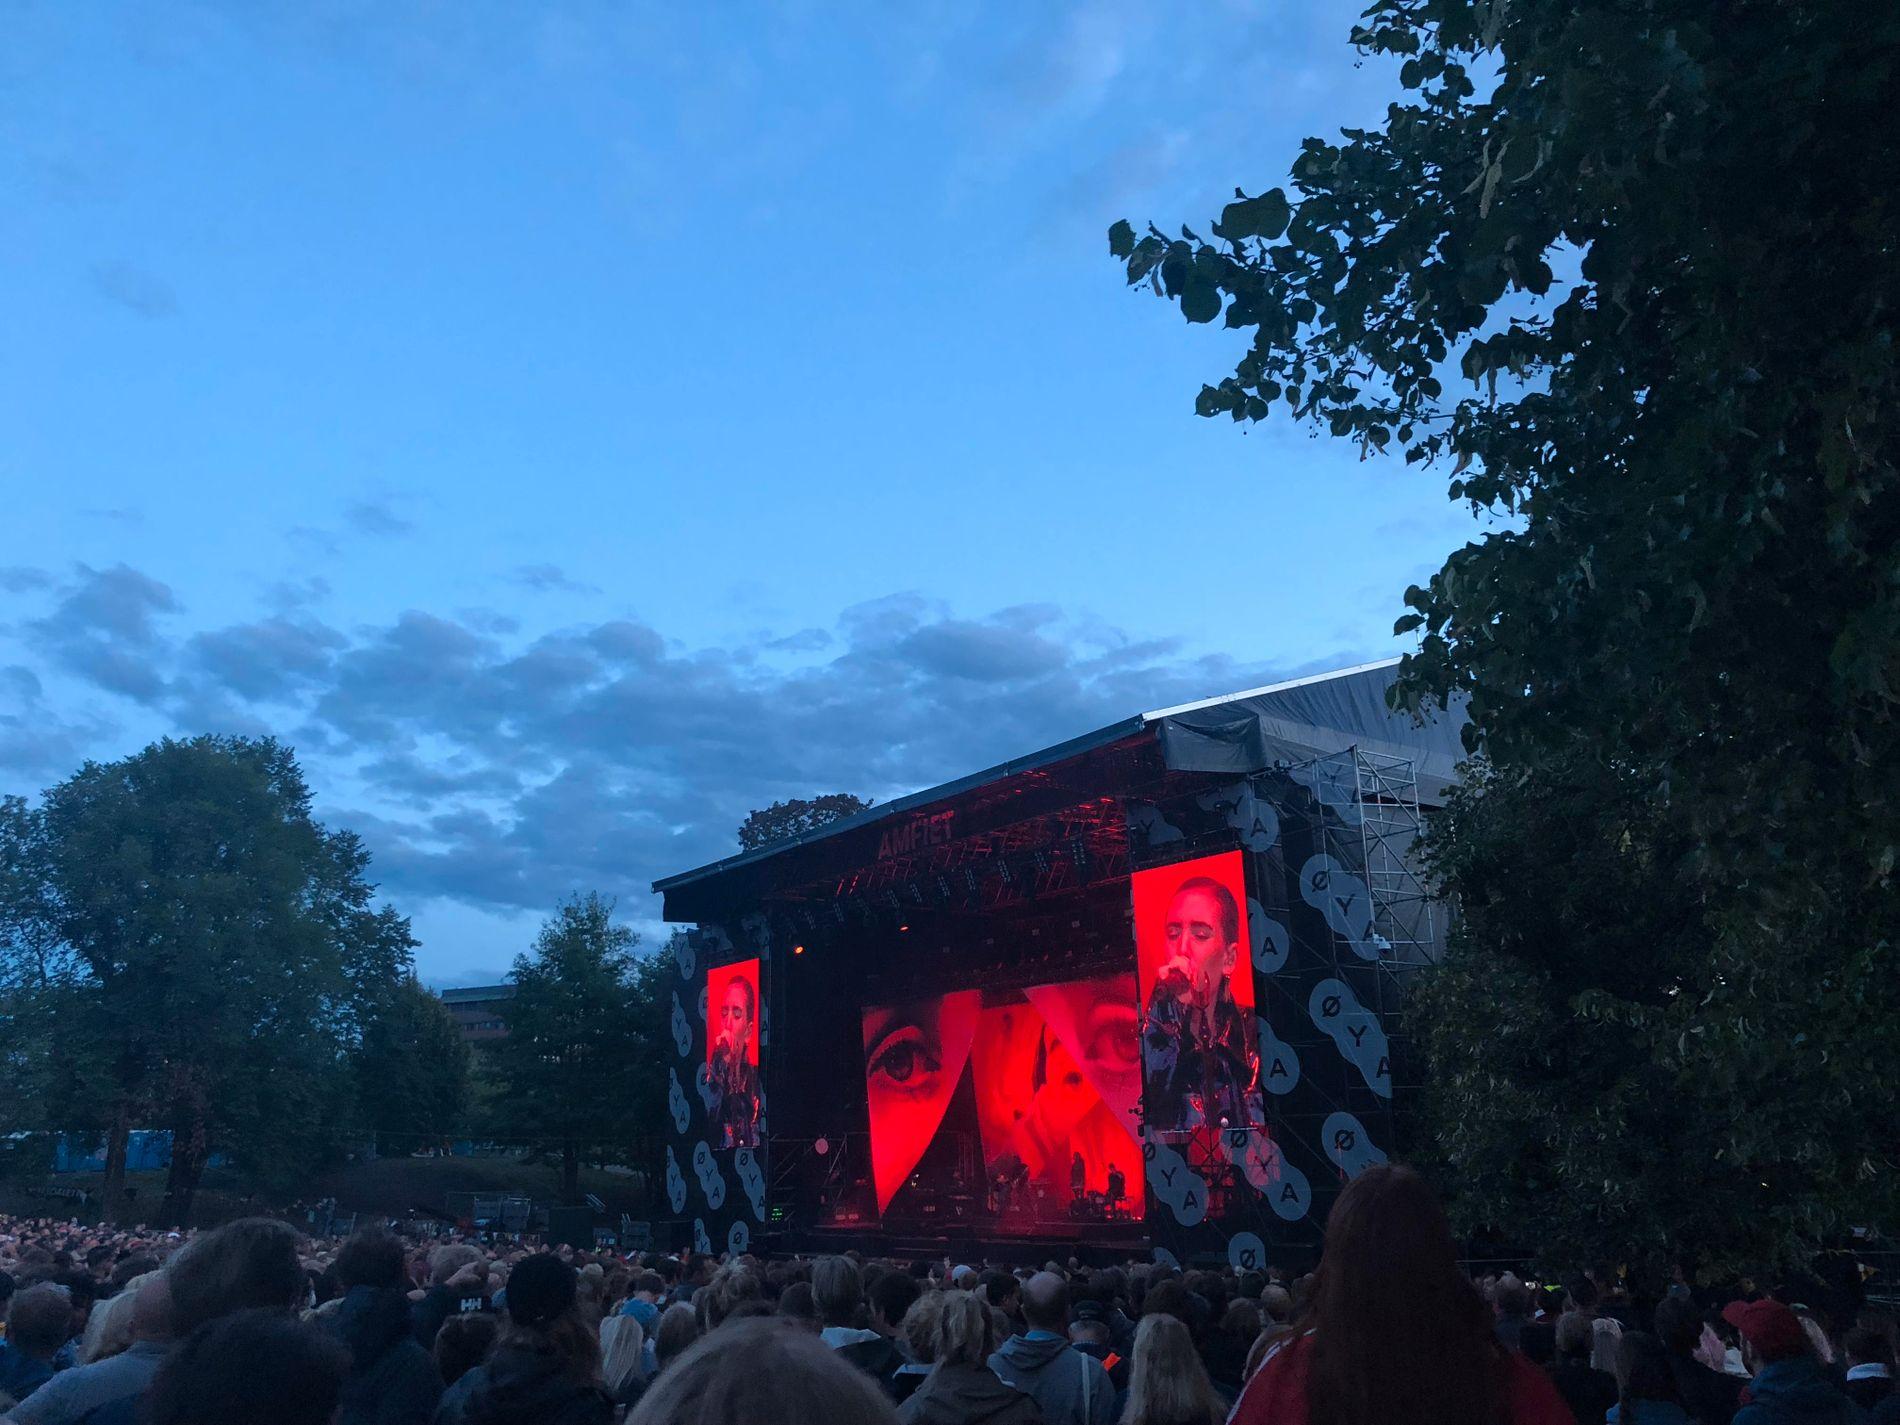 INGEN TOPP HEADLINER: Lykke Li  misbrukte sjansen i Tøyenparken.